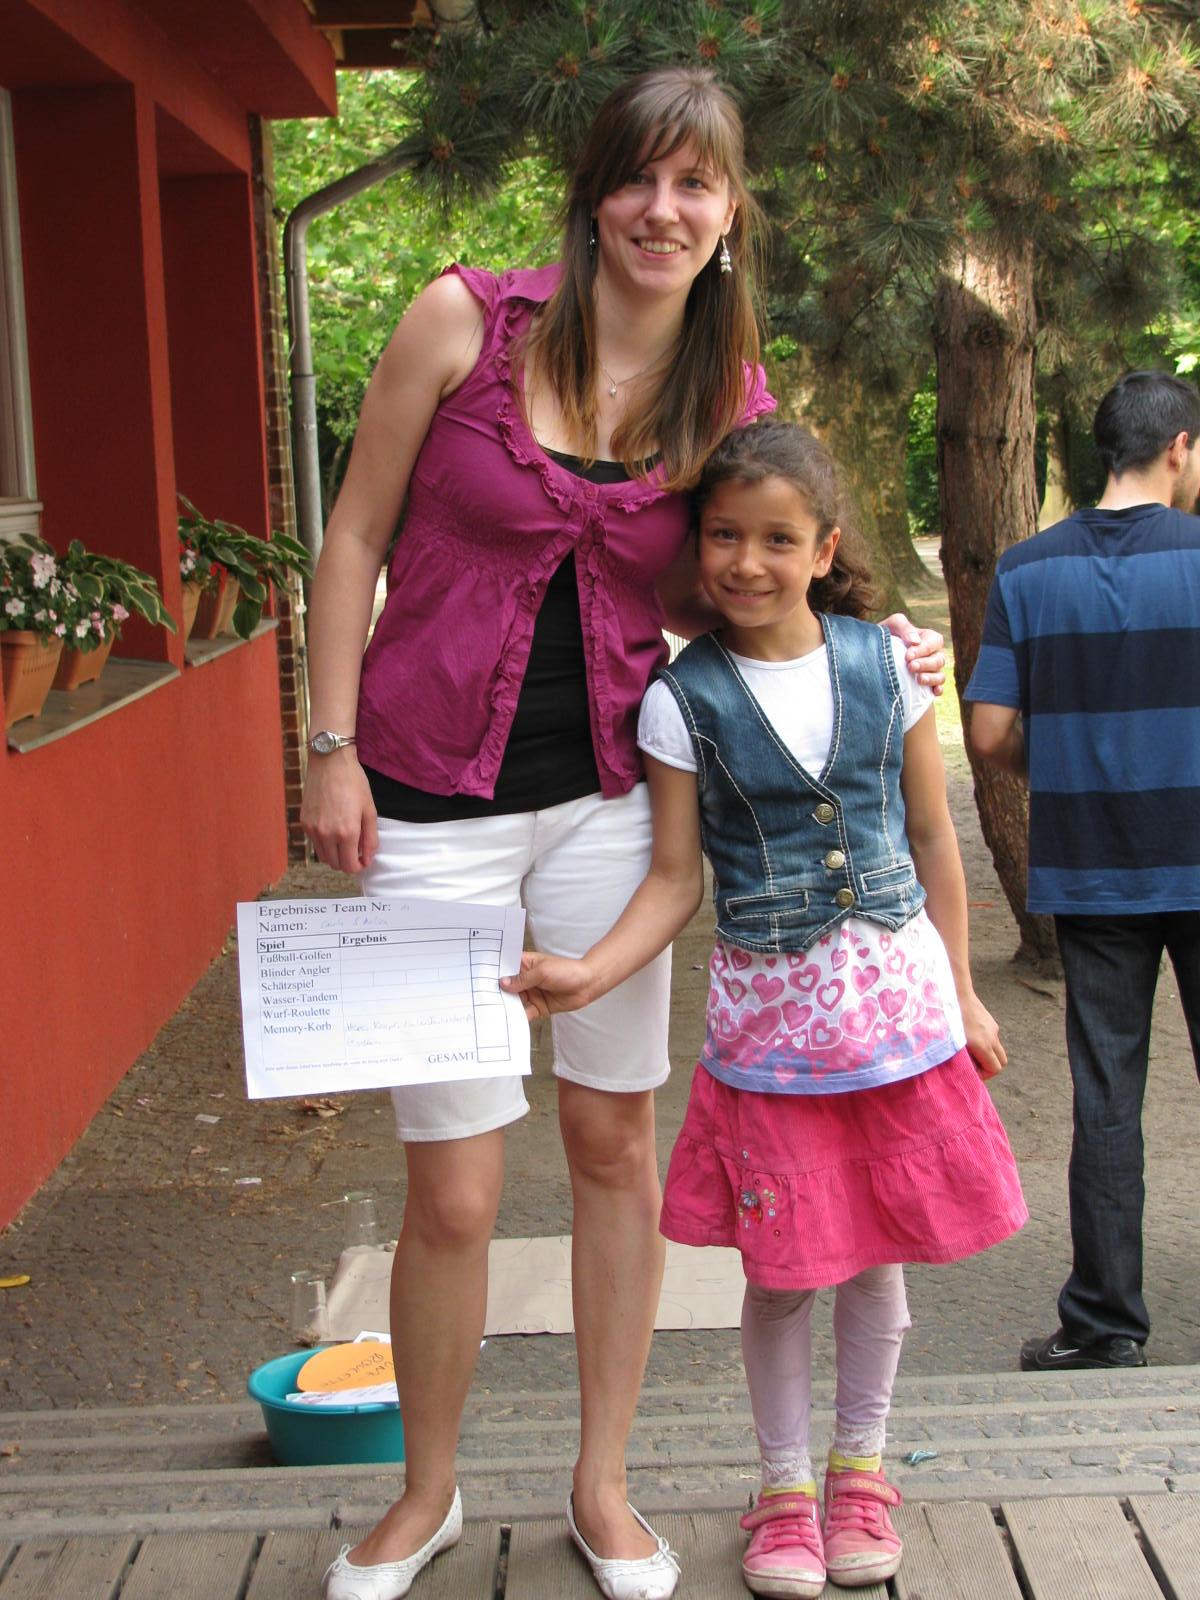 Eine Studentin und eine Grundschülerin bilden ein Tandem